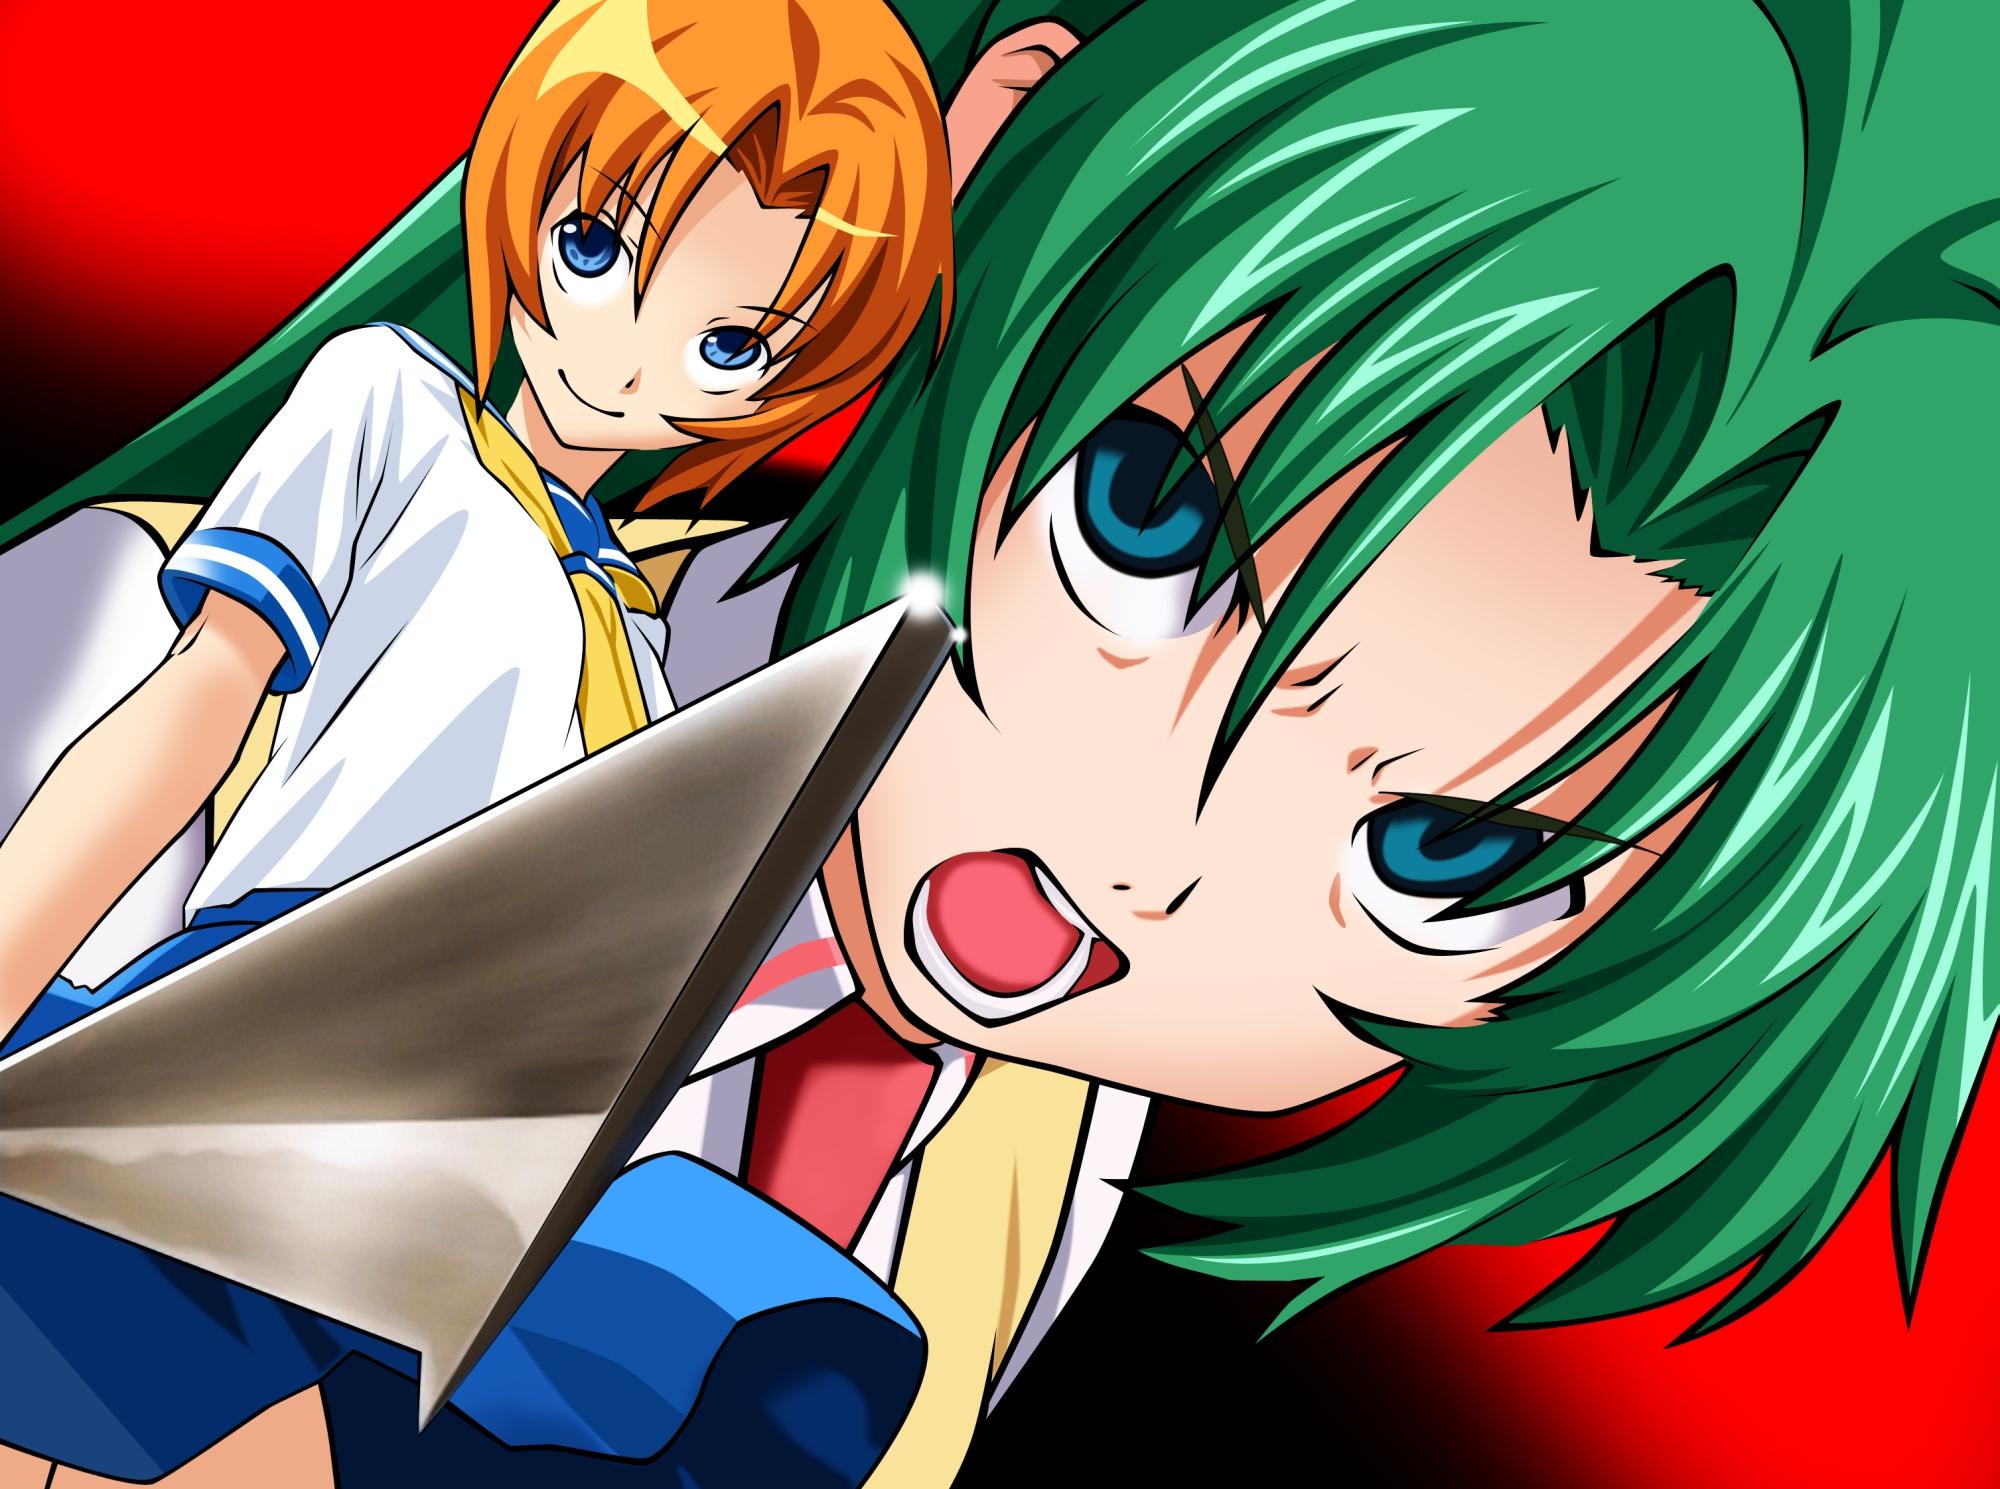 Game Cg Higurashi No Naku Koro Ni Ryuuguu Rena Sonozaki Mion Konachan Com Konachan Com Anime Wallpapers